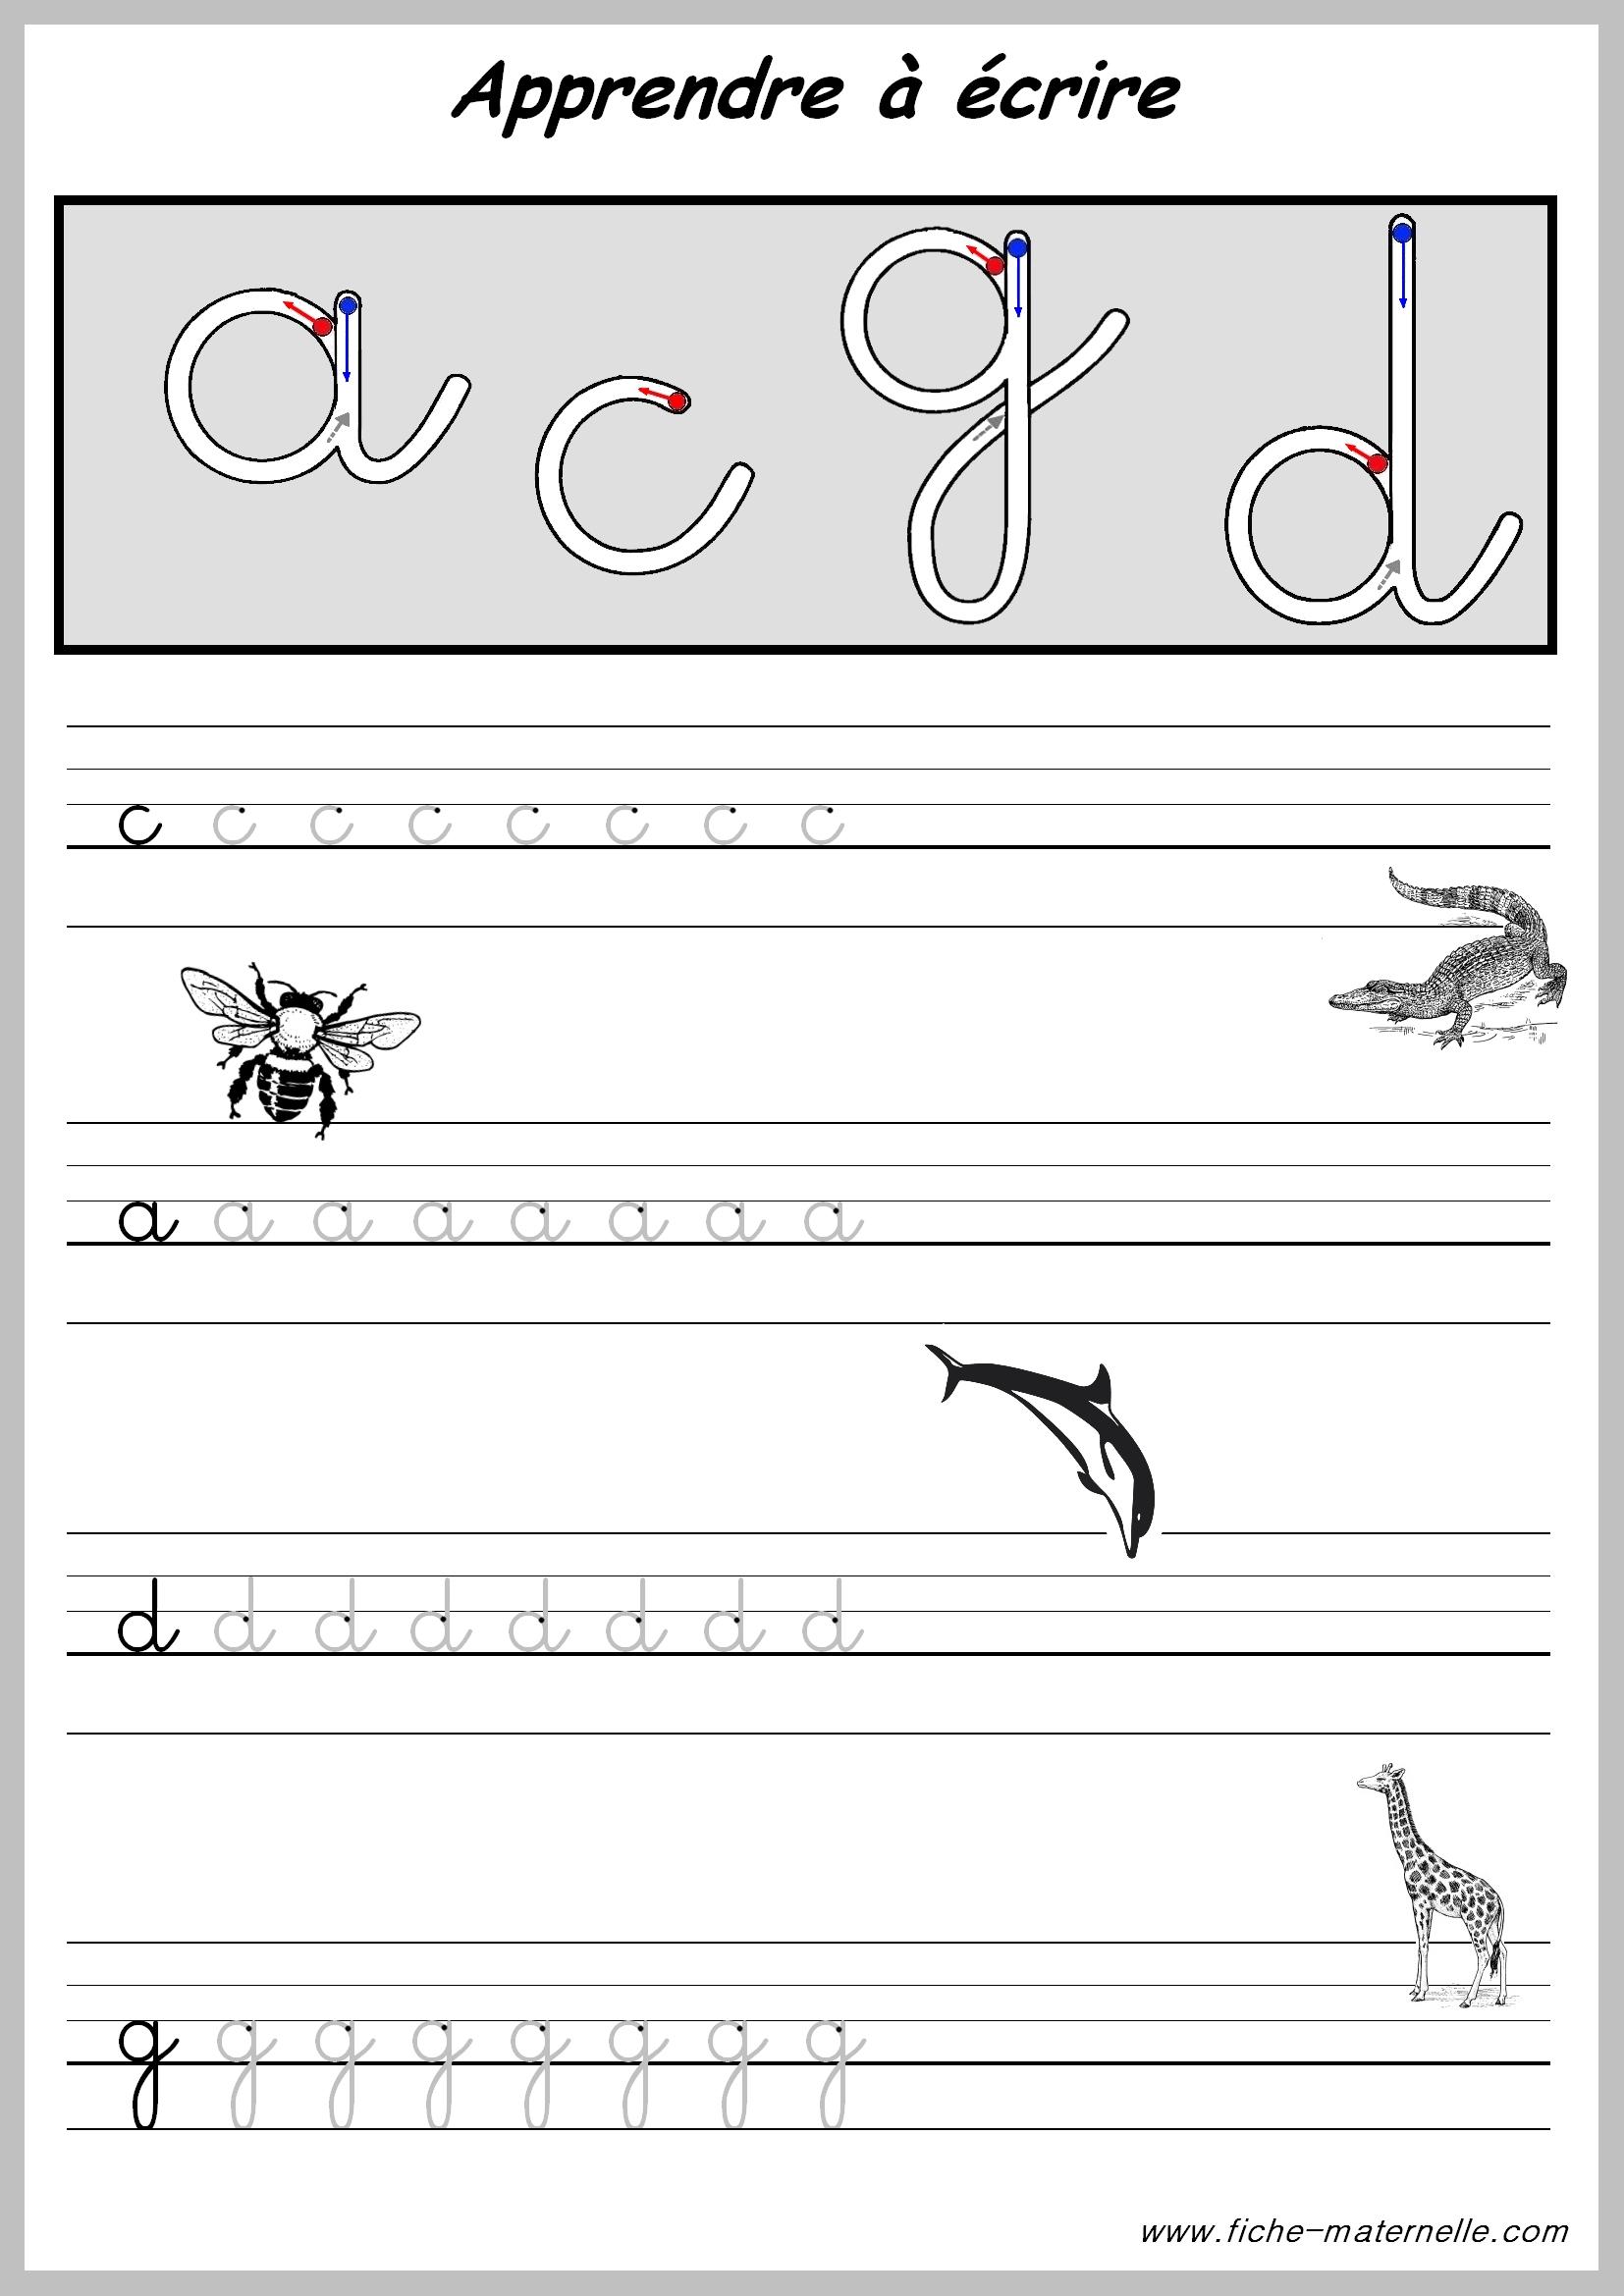 Exercices Pour Apprendre A Ecrire. pour Apprendre À Écrire L Alphabet